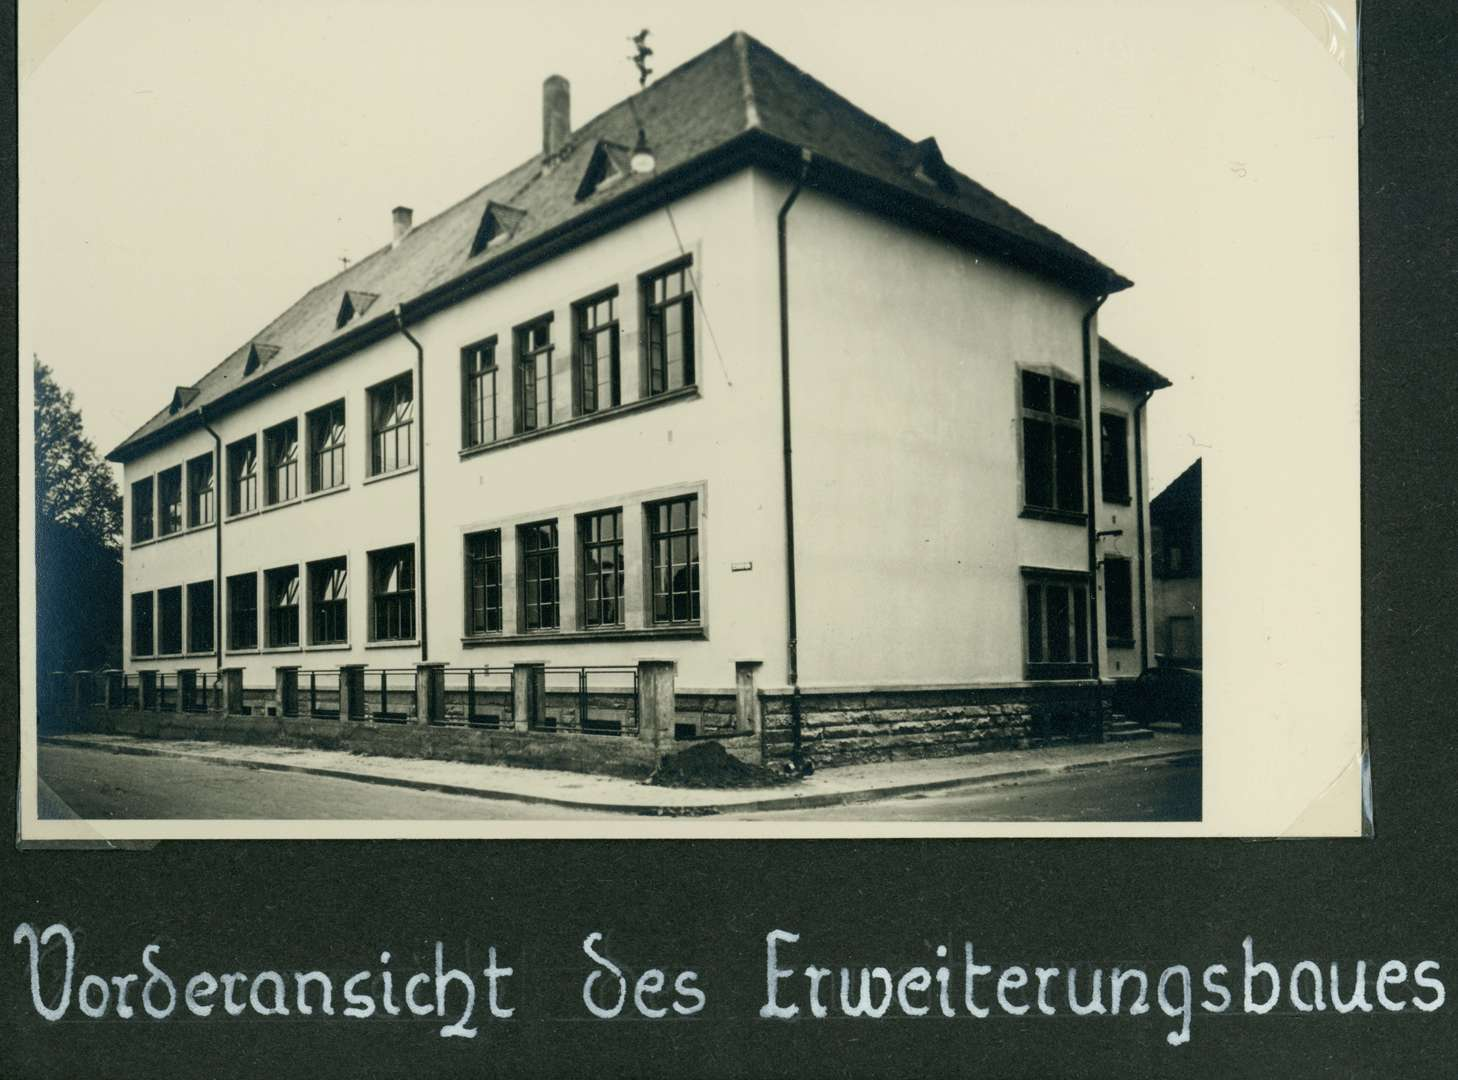 [Schulhausneubau in Brühl:] Vorderansicht des Erweiterungsbaues, Bild 1